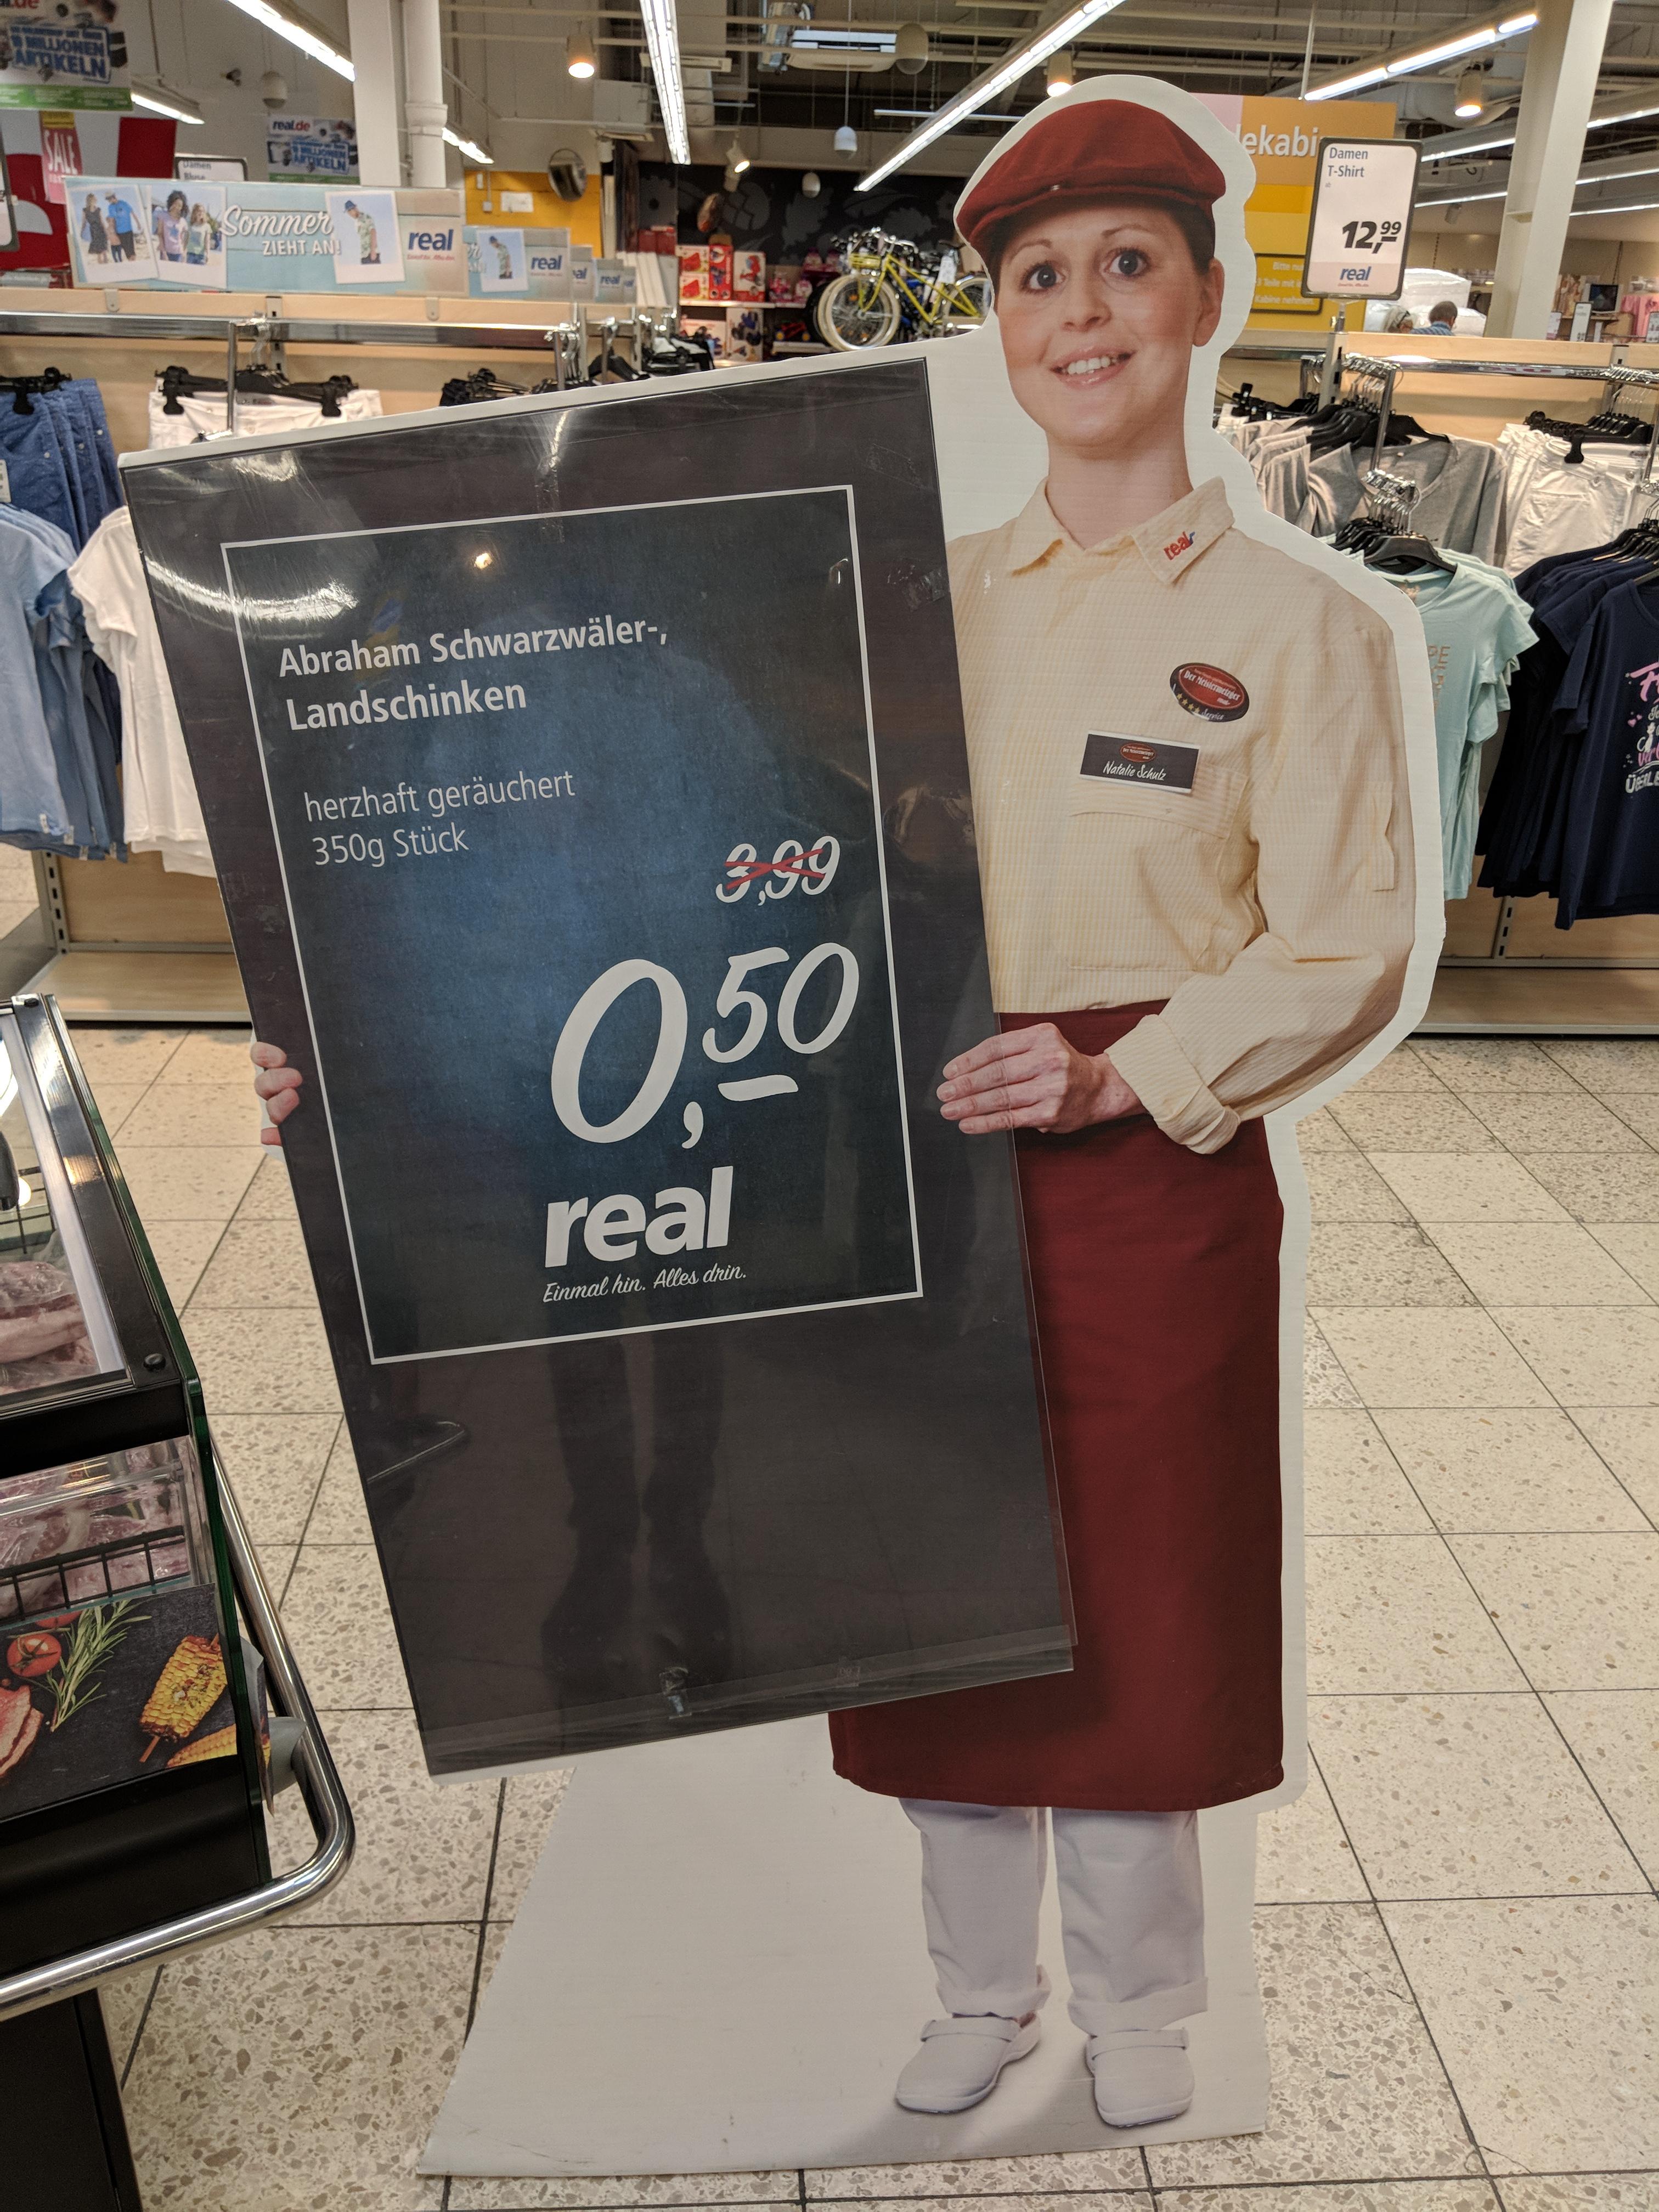 [LOKAL REAL Nordwalde bei Münster] 350g Abraham Schwarzwälder-Landschinken für 50 Cent und Joghurt-Schnitte unterschiedliche Sorten für 50 Cent